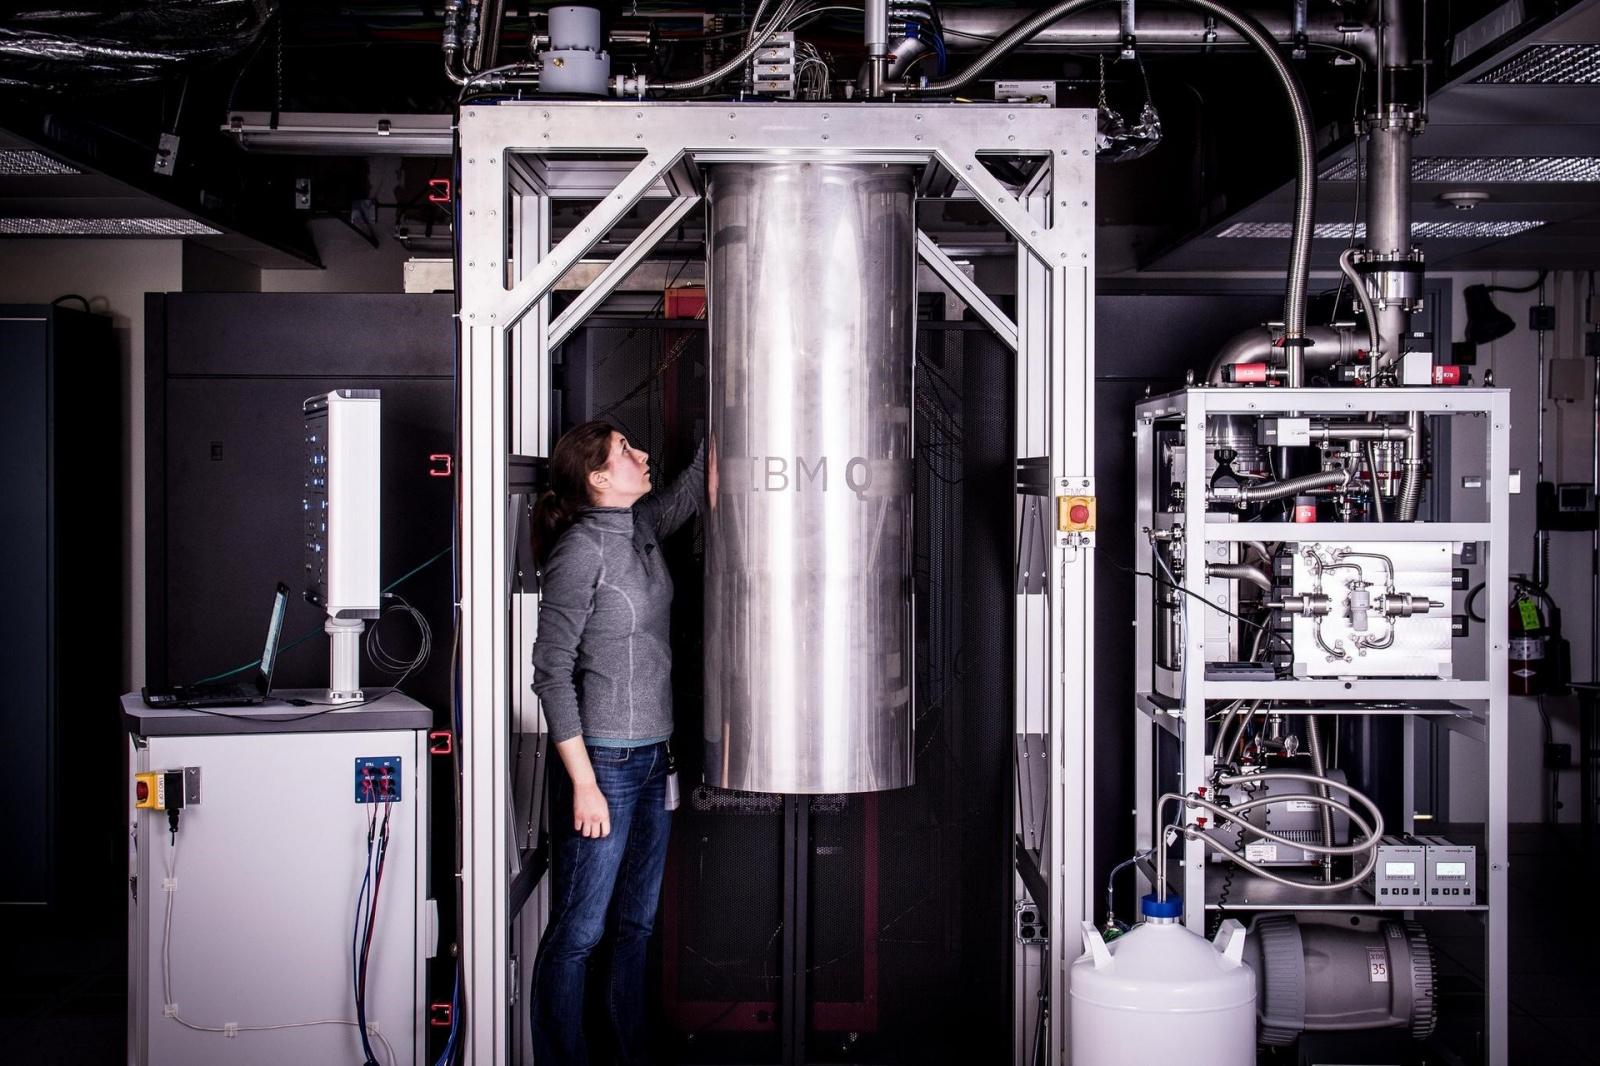 «Каждому по кванту»: Станут ли квантовые вычисления коммерческим продуктом? - 2